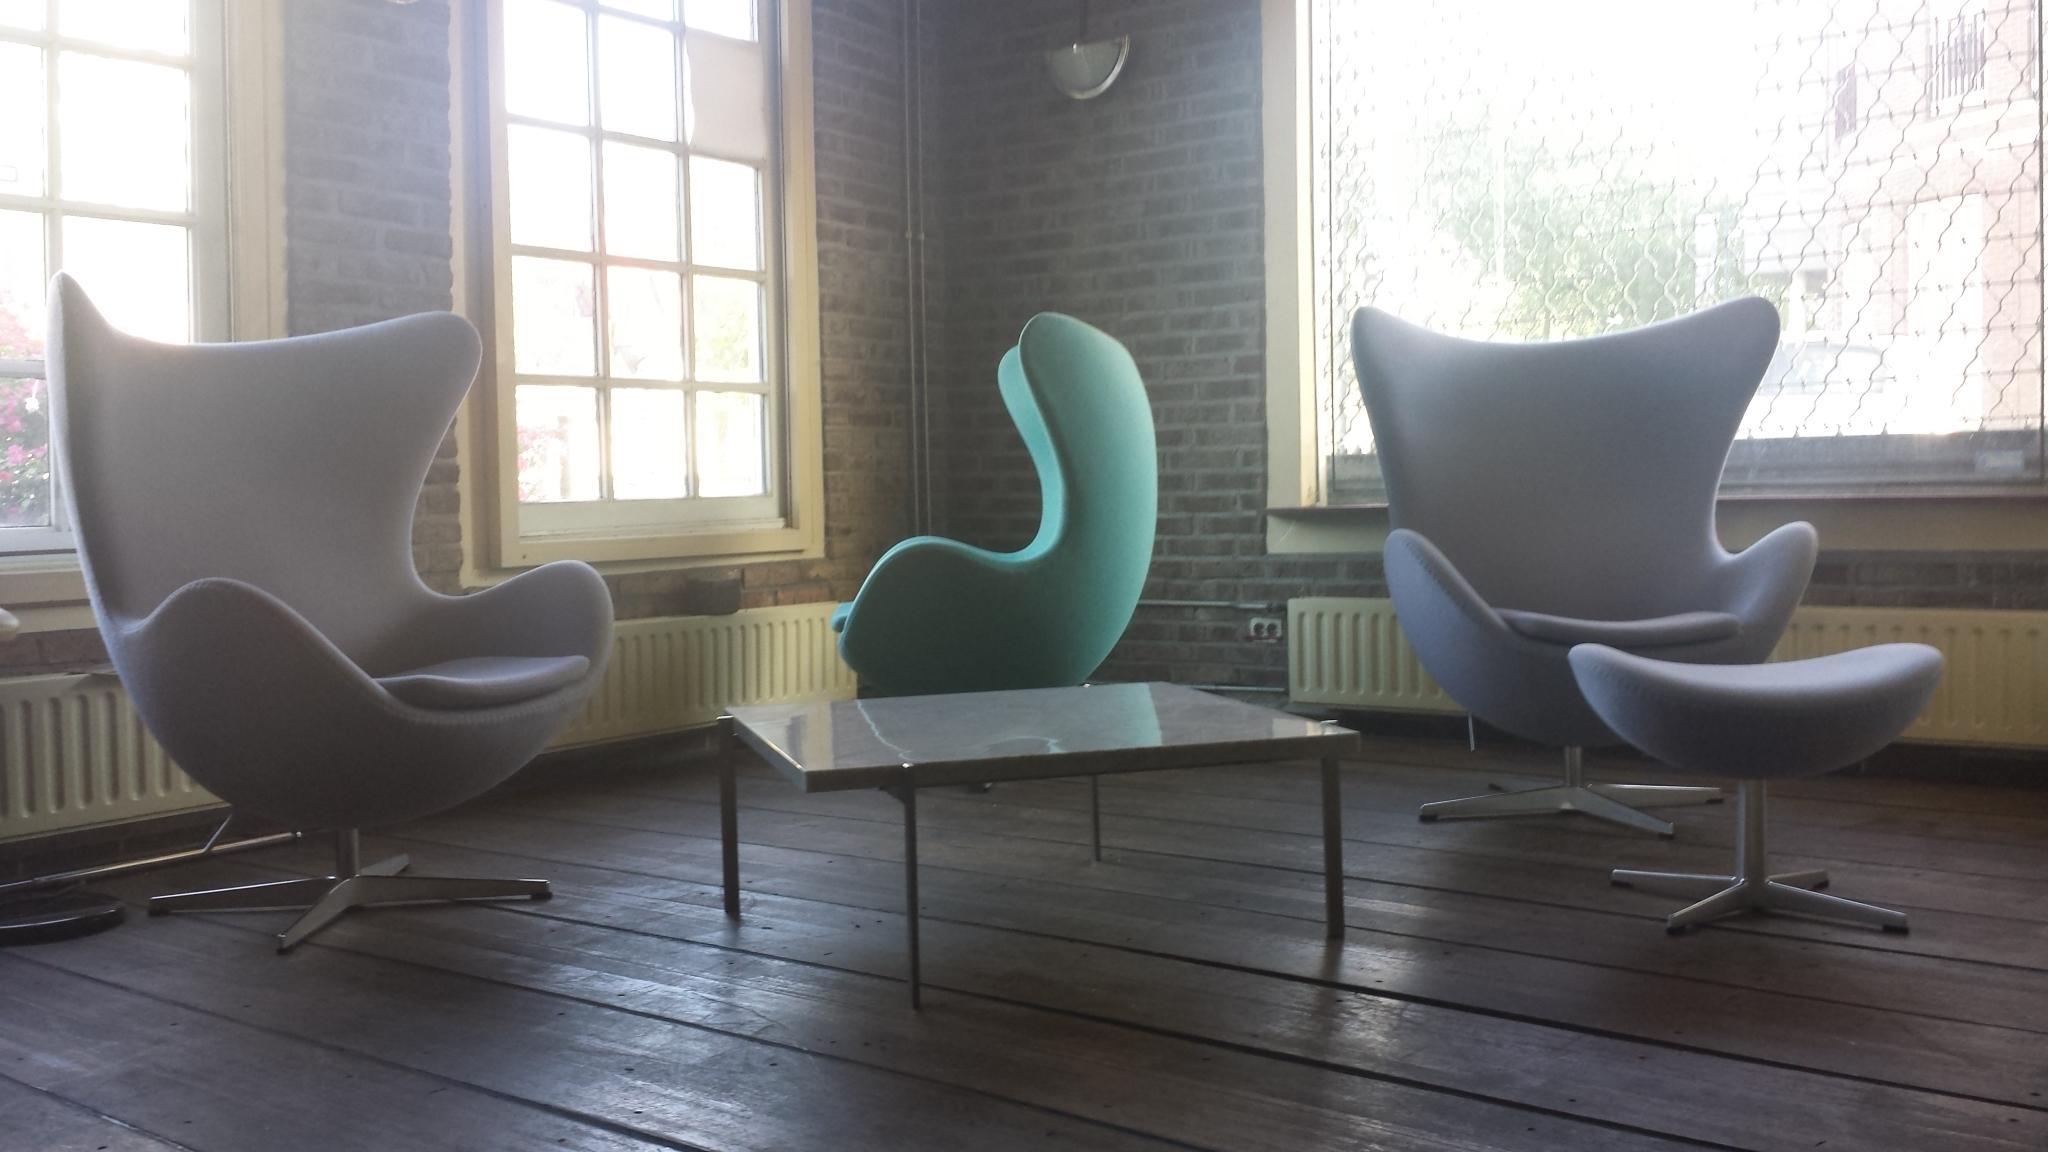 items real vintage furniture. Black Bedroom Furniture Sets. Home Design Ideas